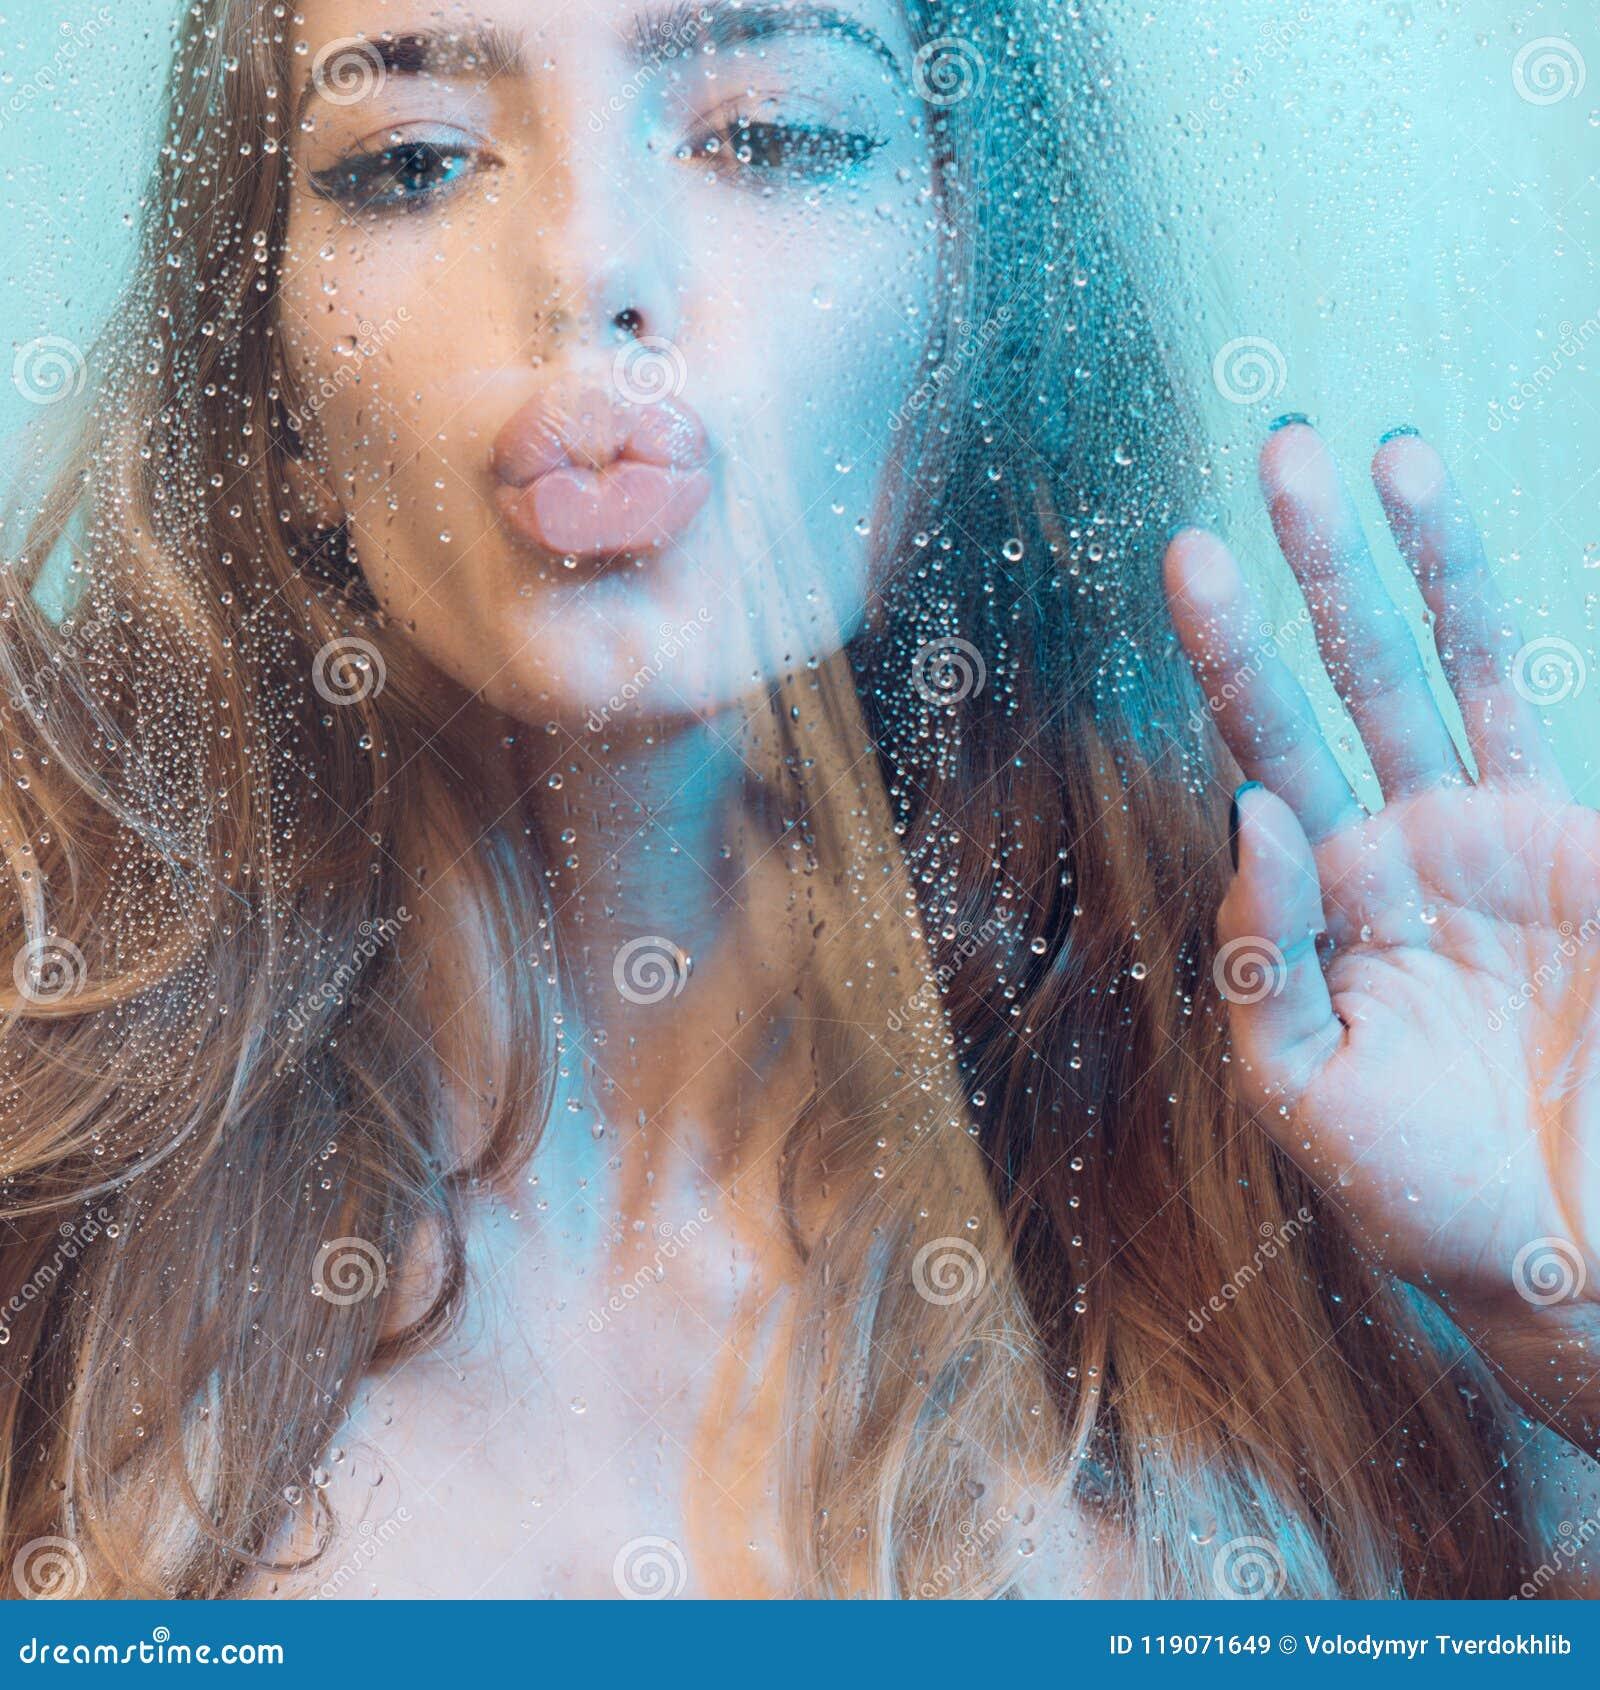 Ariel spinner bubble bath